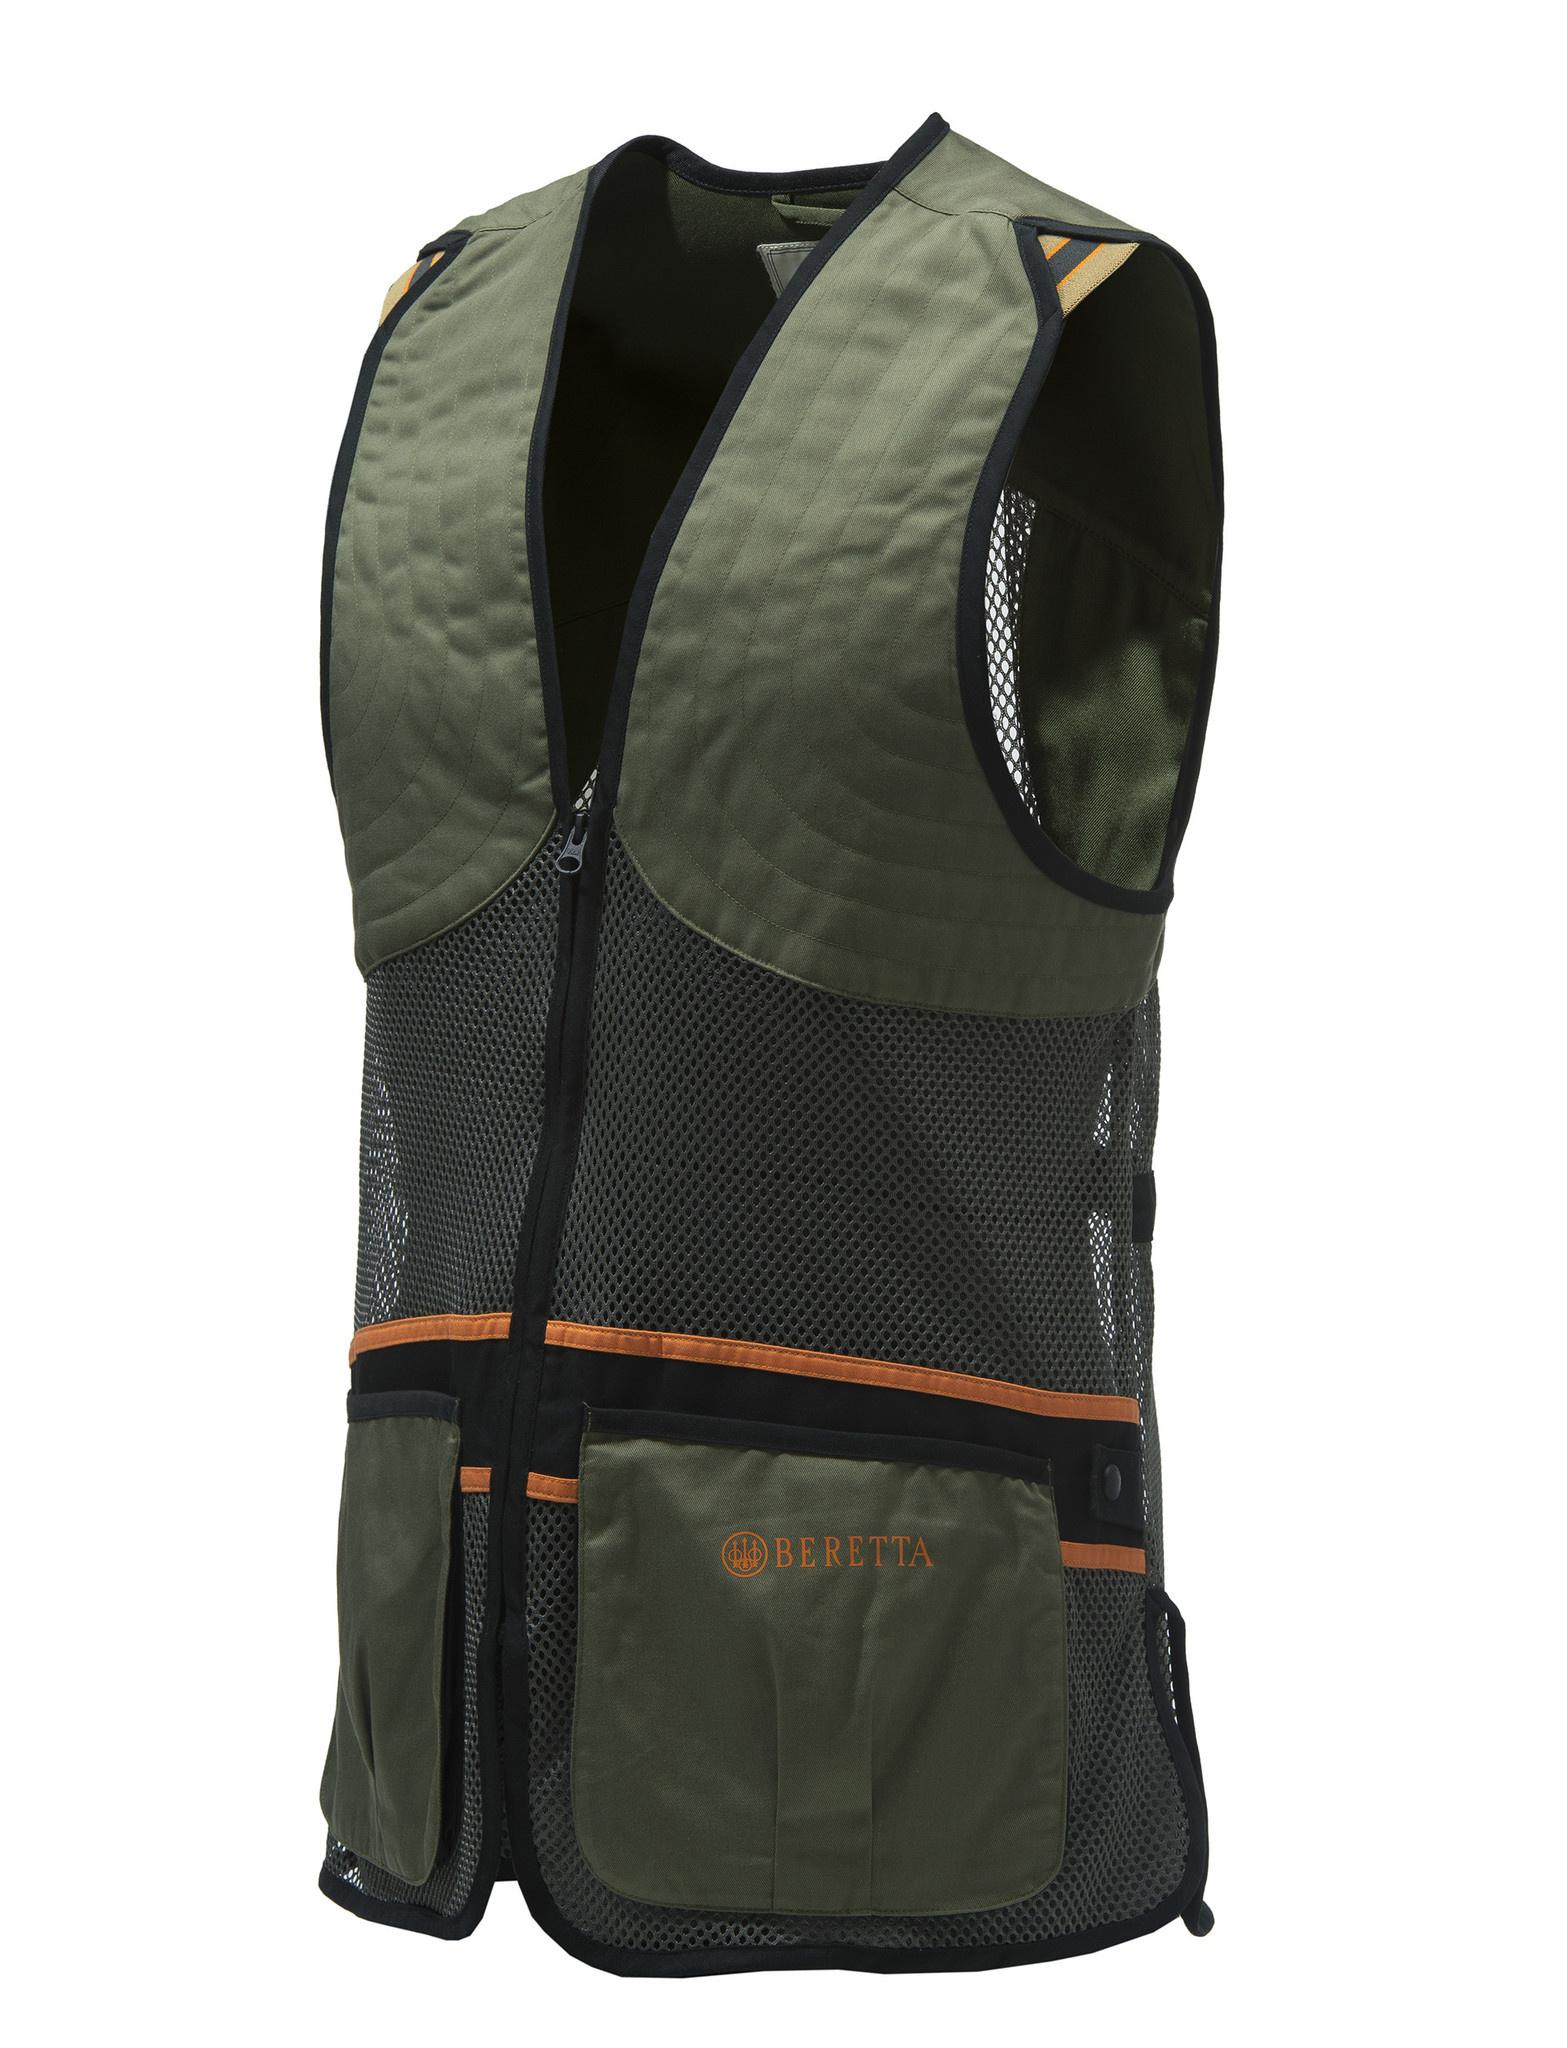 Beretta Beretta Full Mesh Shooting Vest